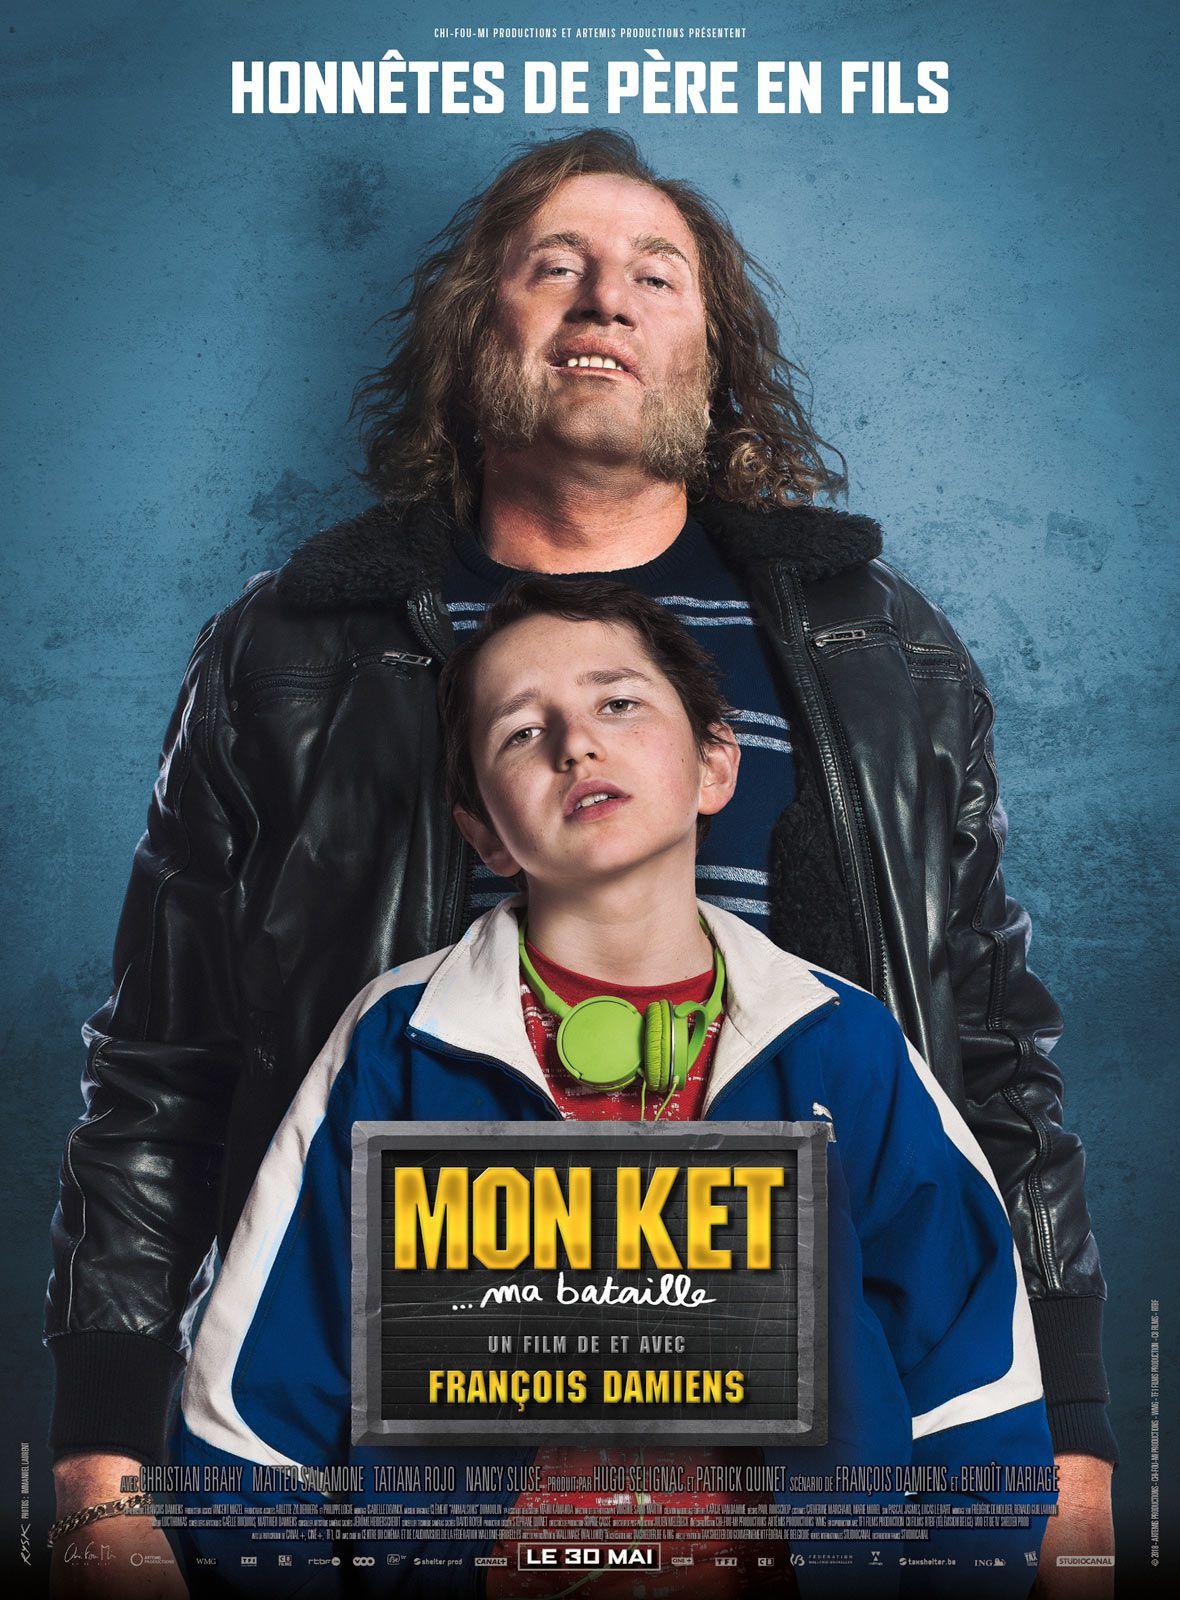 Mon Ket - Film (2018)